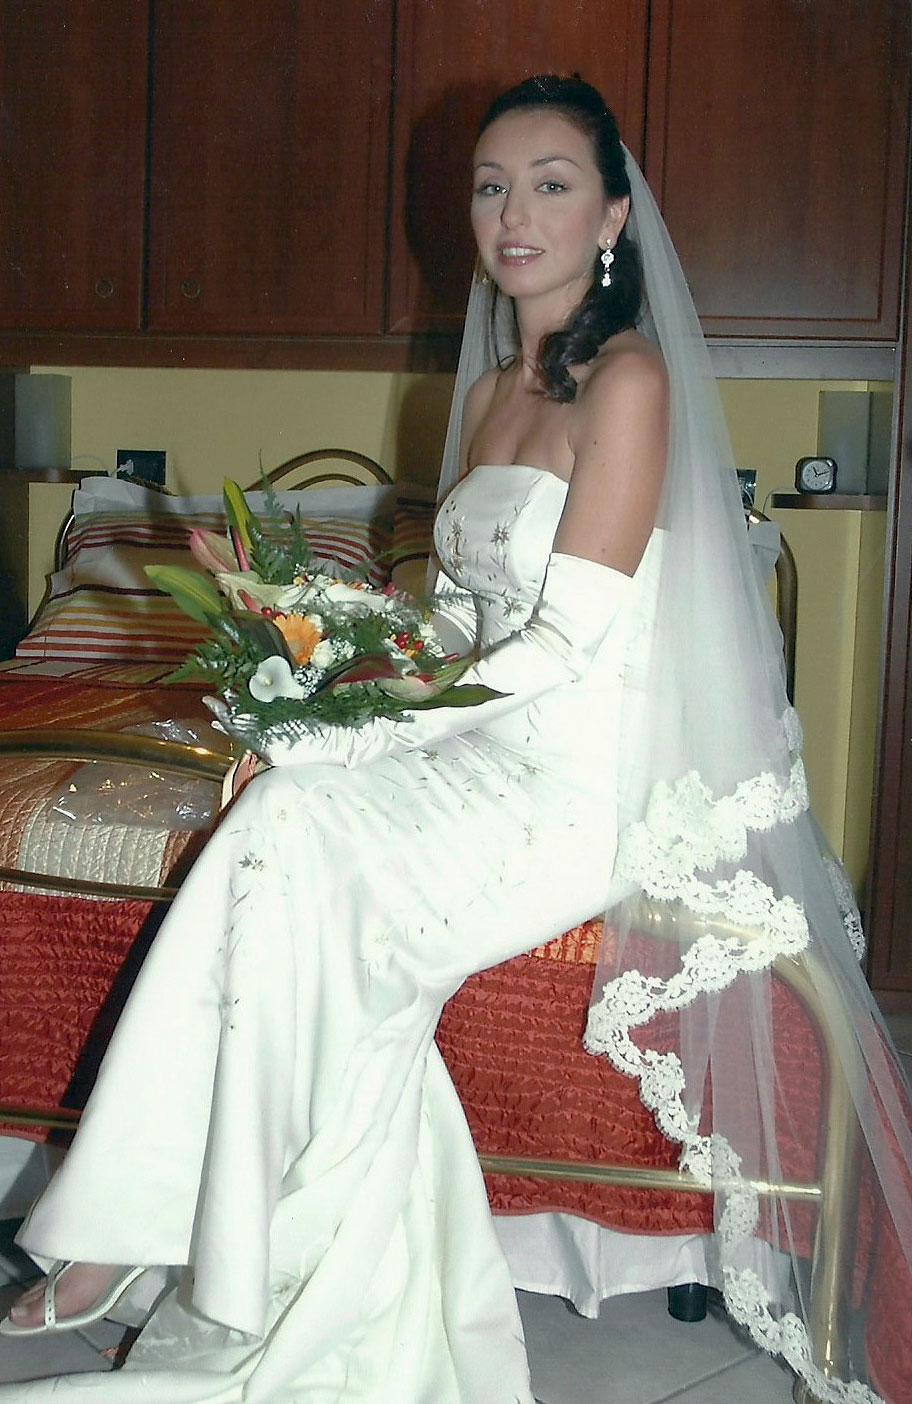 Dove Acquistare Abiti Da Cerimonia.Abito Da Sposa Low Cost A 150 Sposiamocirisparmiando It